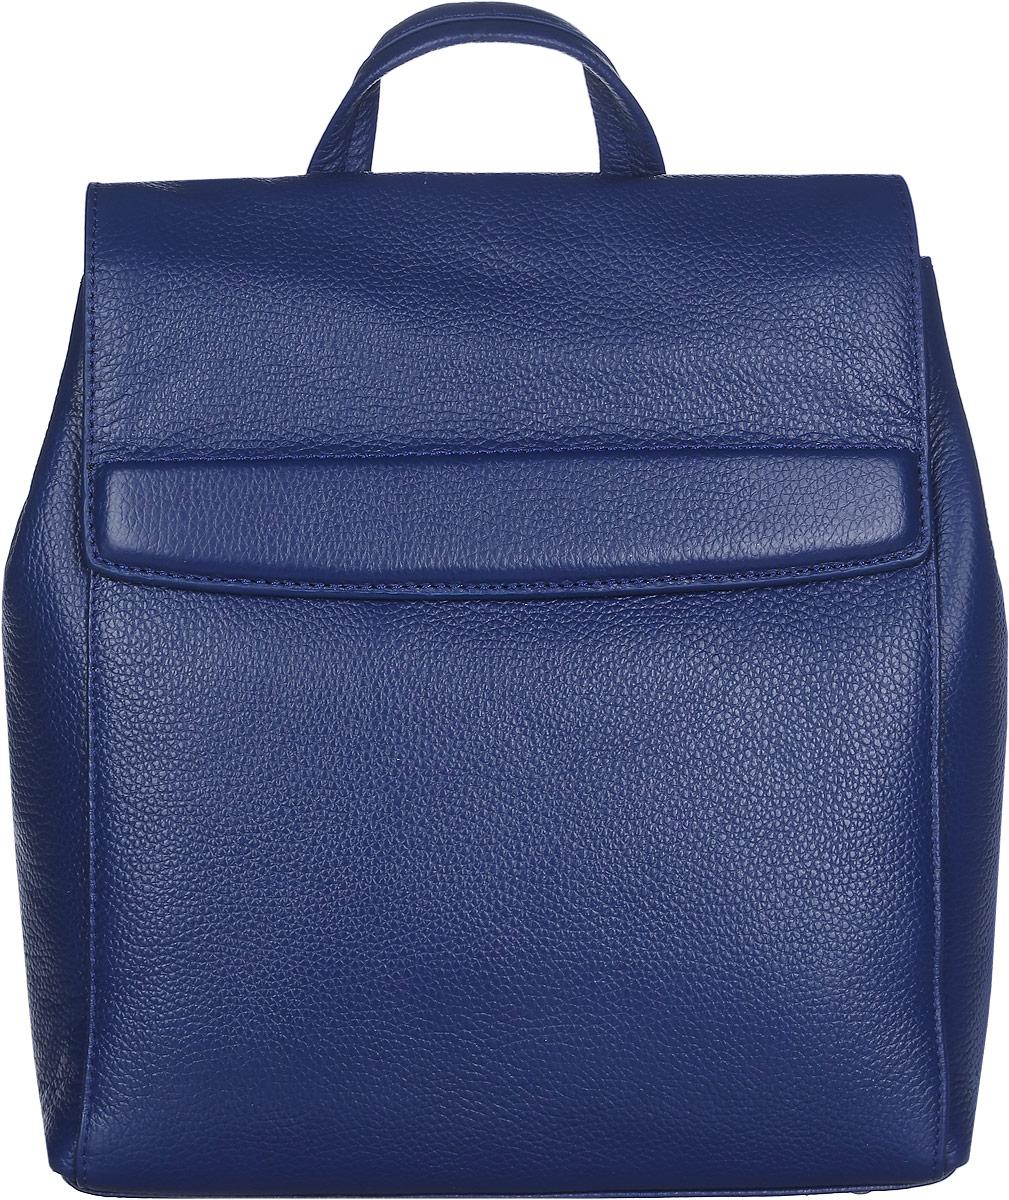 Рюкзак женский Labbra, цвет: синий. L-DL9077L-DL9077Стильный женский рюкзак Labbra выполнен из натуральной кожи с зернистой фактурой, оформлен металлической фурнитурой и фирменным брелоком. Изделие содержит одно основное отделение, закрывающееся на замок-вертушку и дополнительно клапаном на скрытые магниты. Внутри расположены два накладных кармашка для мелочей, врезной карман на молнии, открытый карман и накладной карман на молнии. Спинка изделия дополнена небольшим вертикальным врезным карманом на молнии. Боковые стороны фиксируются кнопками. Рюкзак оснащен удобными плечевыми лямками регулируемой длины, а также ручкой для переноски в руке. Прилагается фирменная текстильная сумка для хранения изделия. Практичный аксессуар позволит вам завершить свой образ и быть неотразимой.